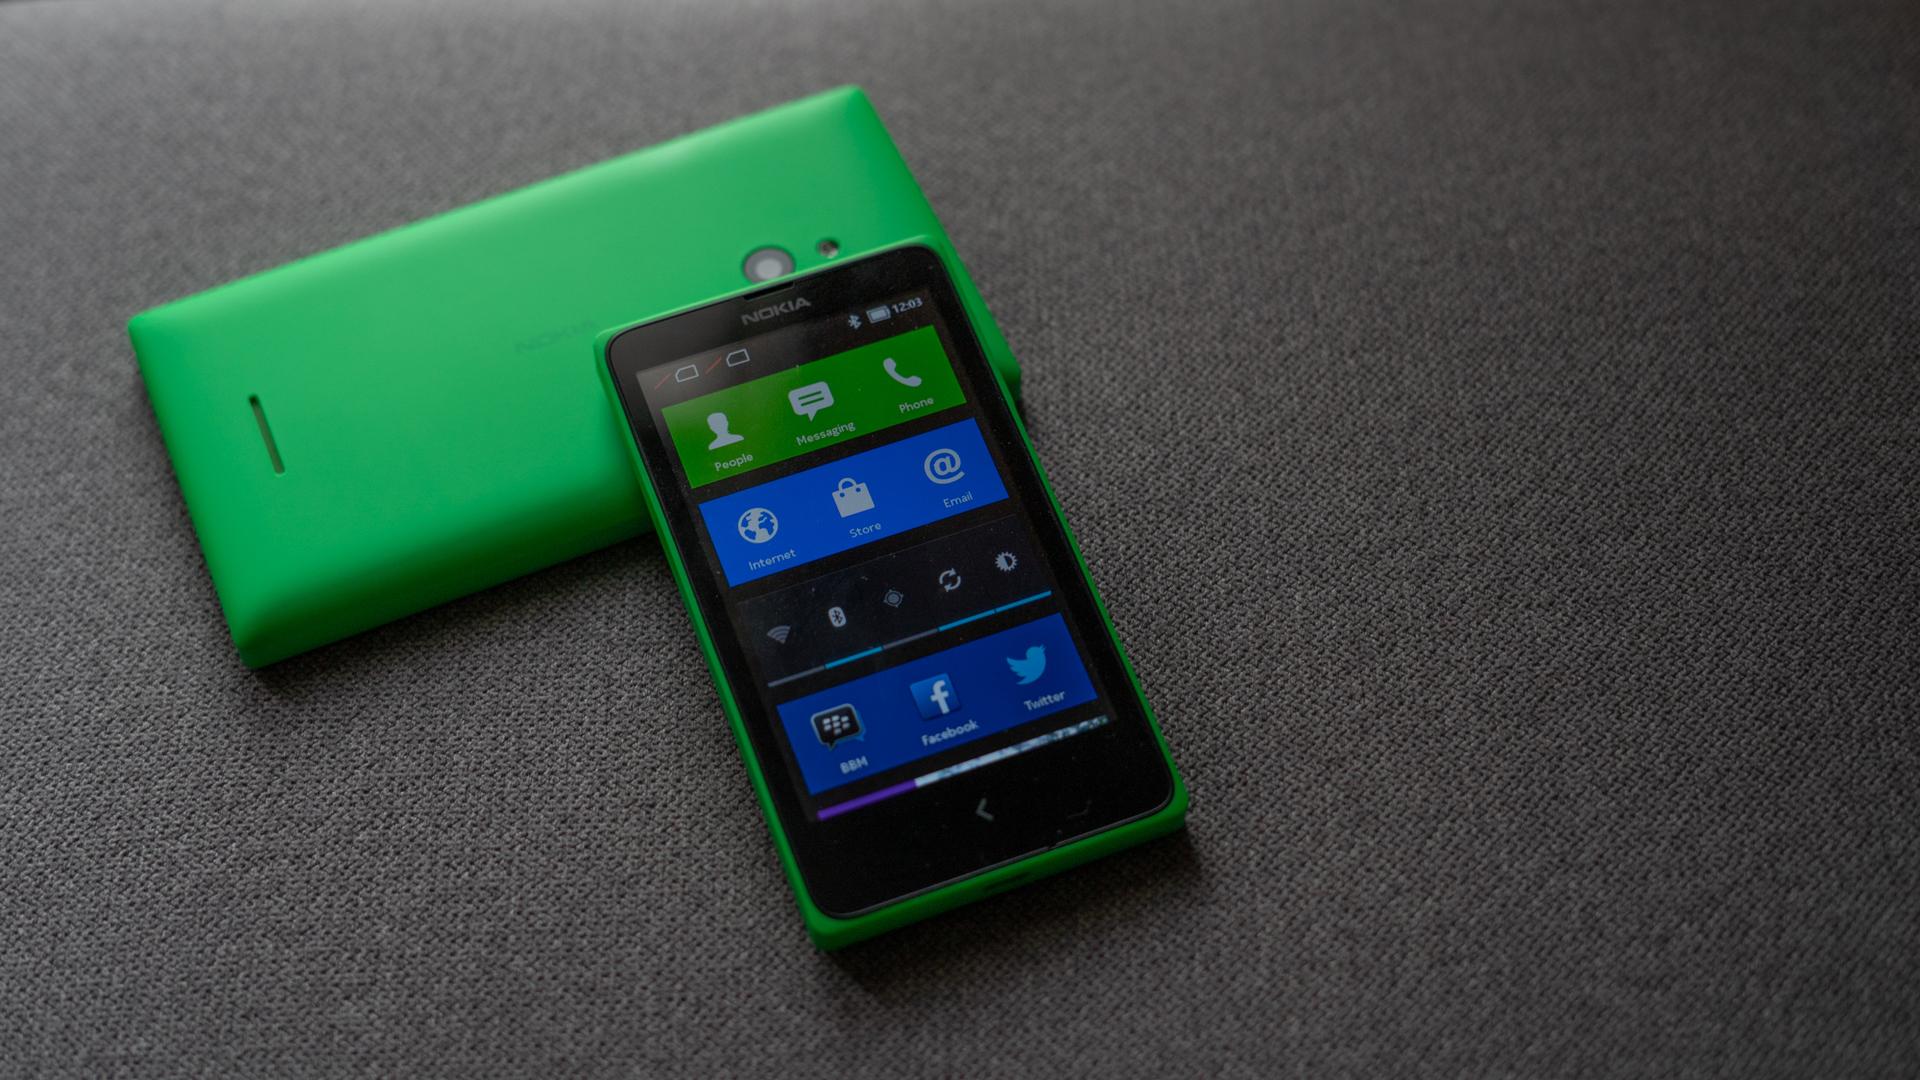 Nokia X Nokia XL front profile shot